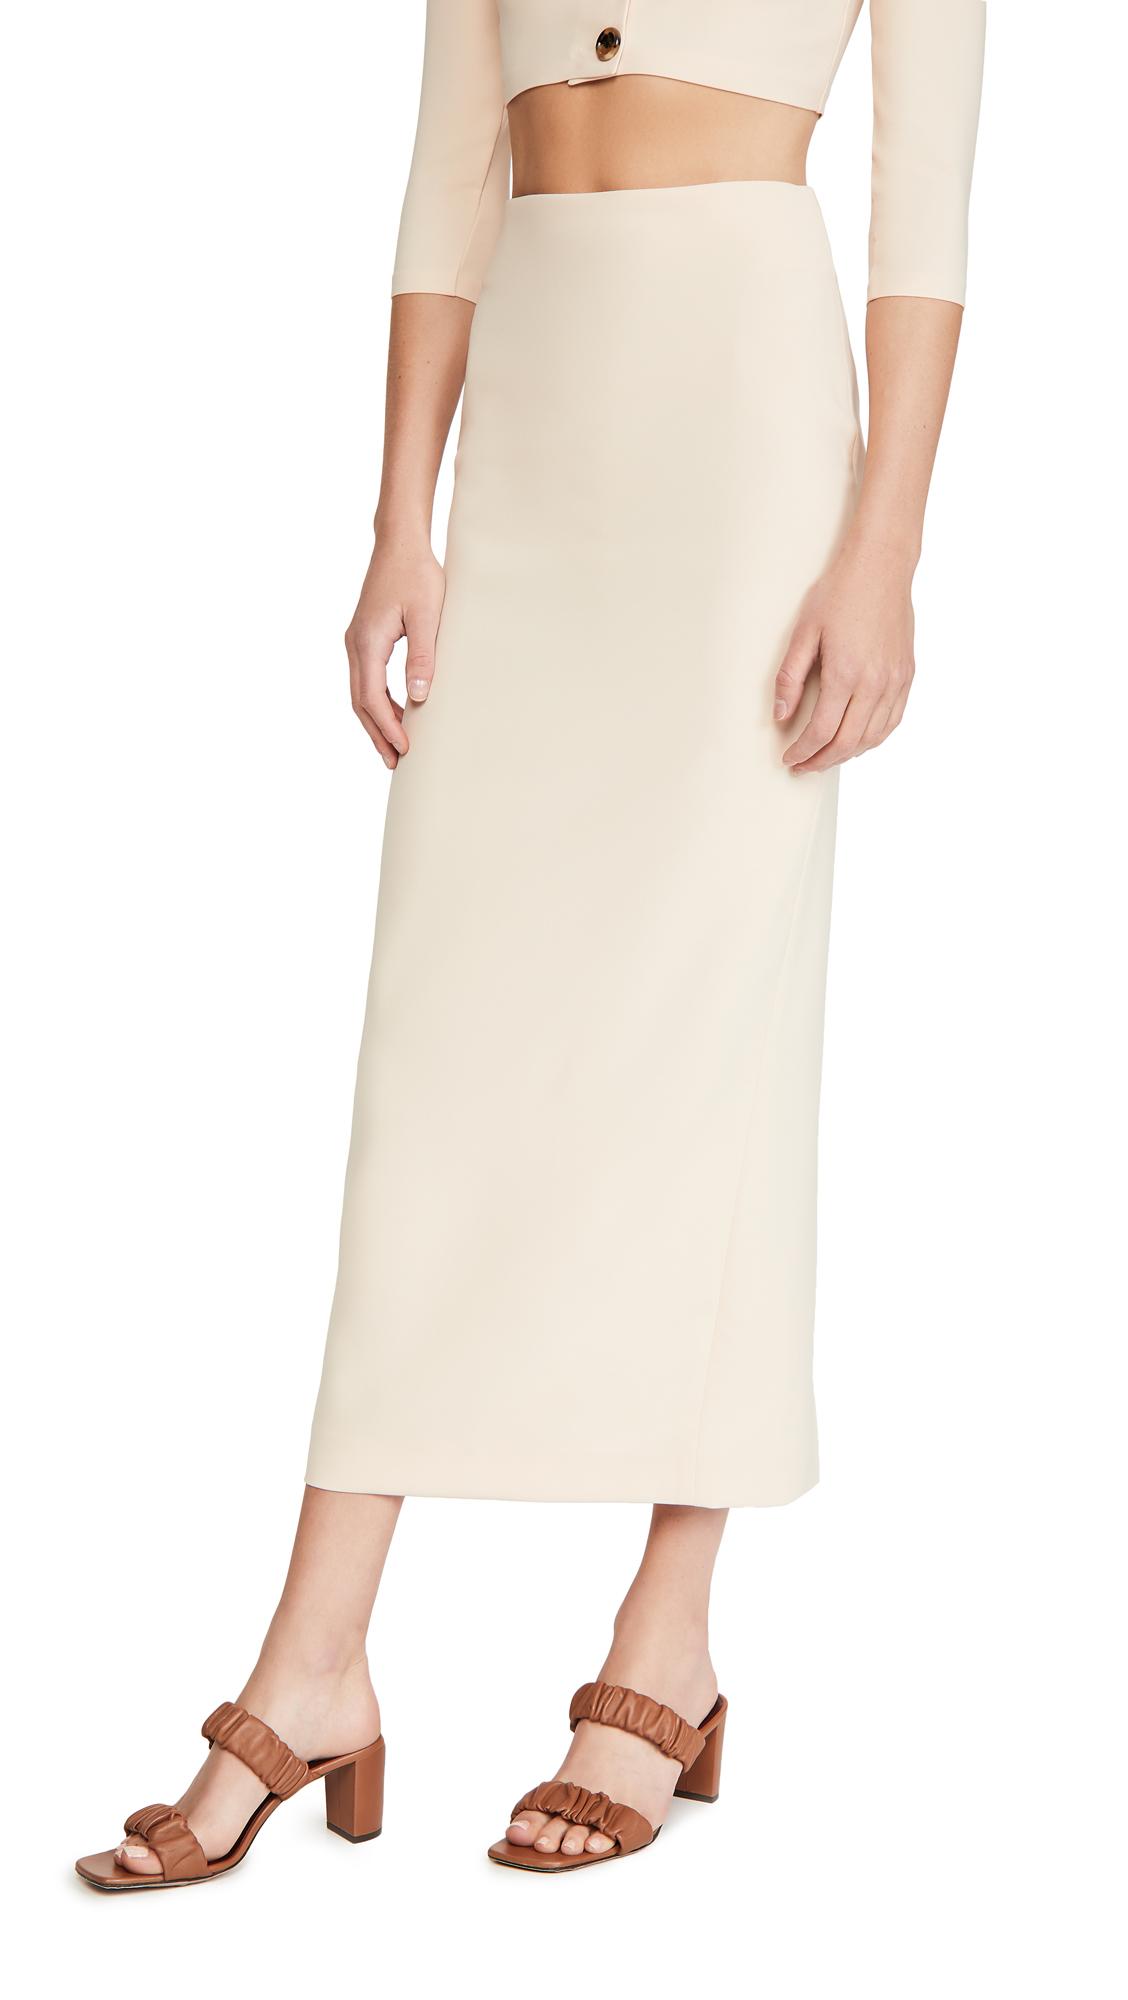 A.W.A.K.E MODE High Waist Tube Skirt